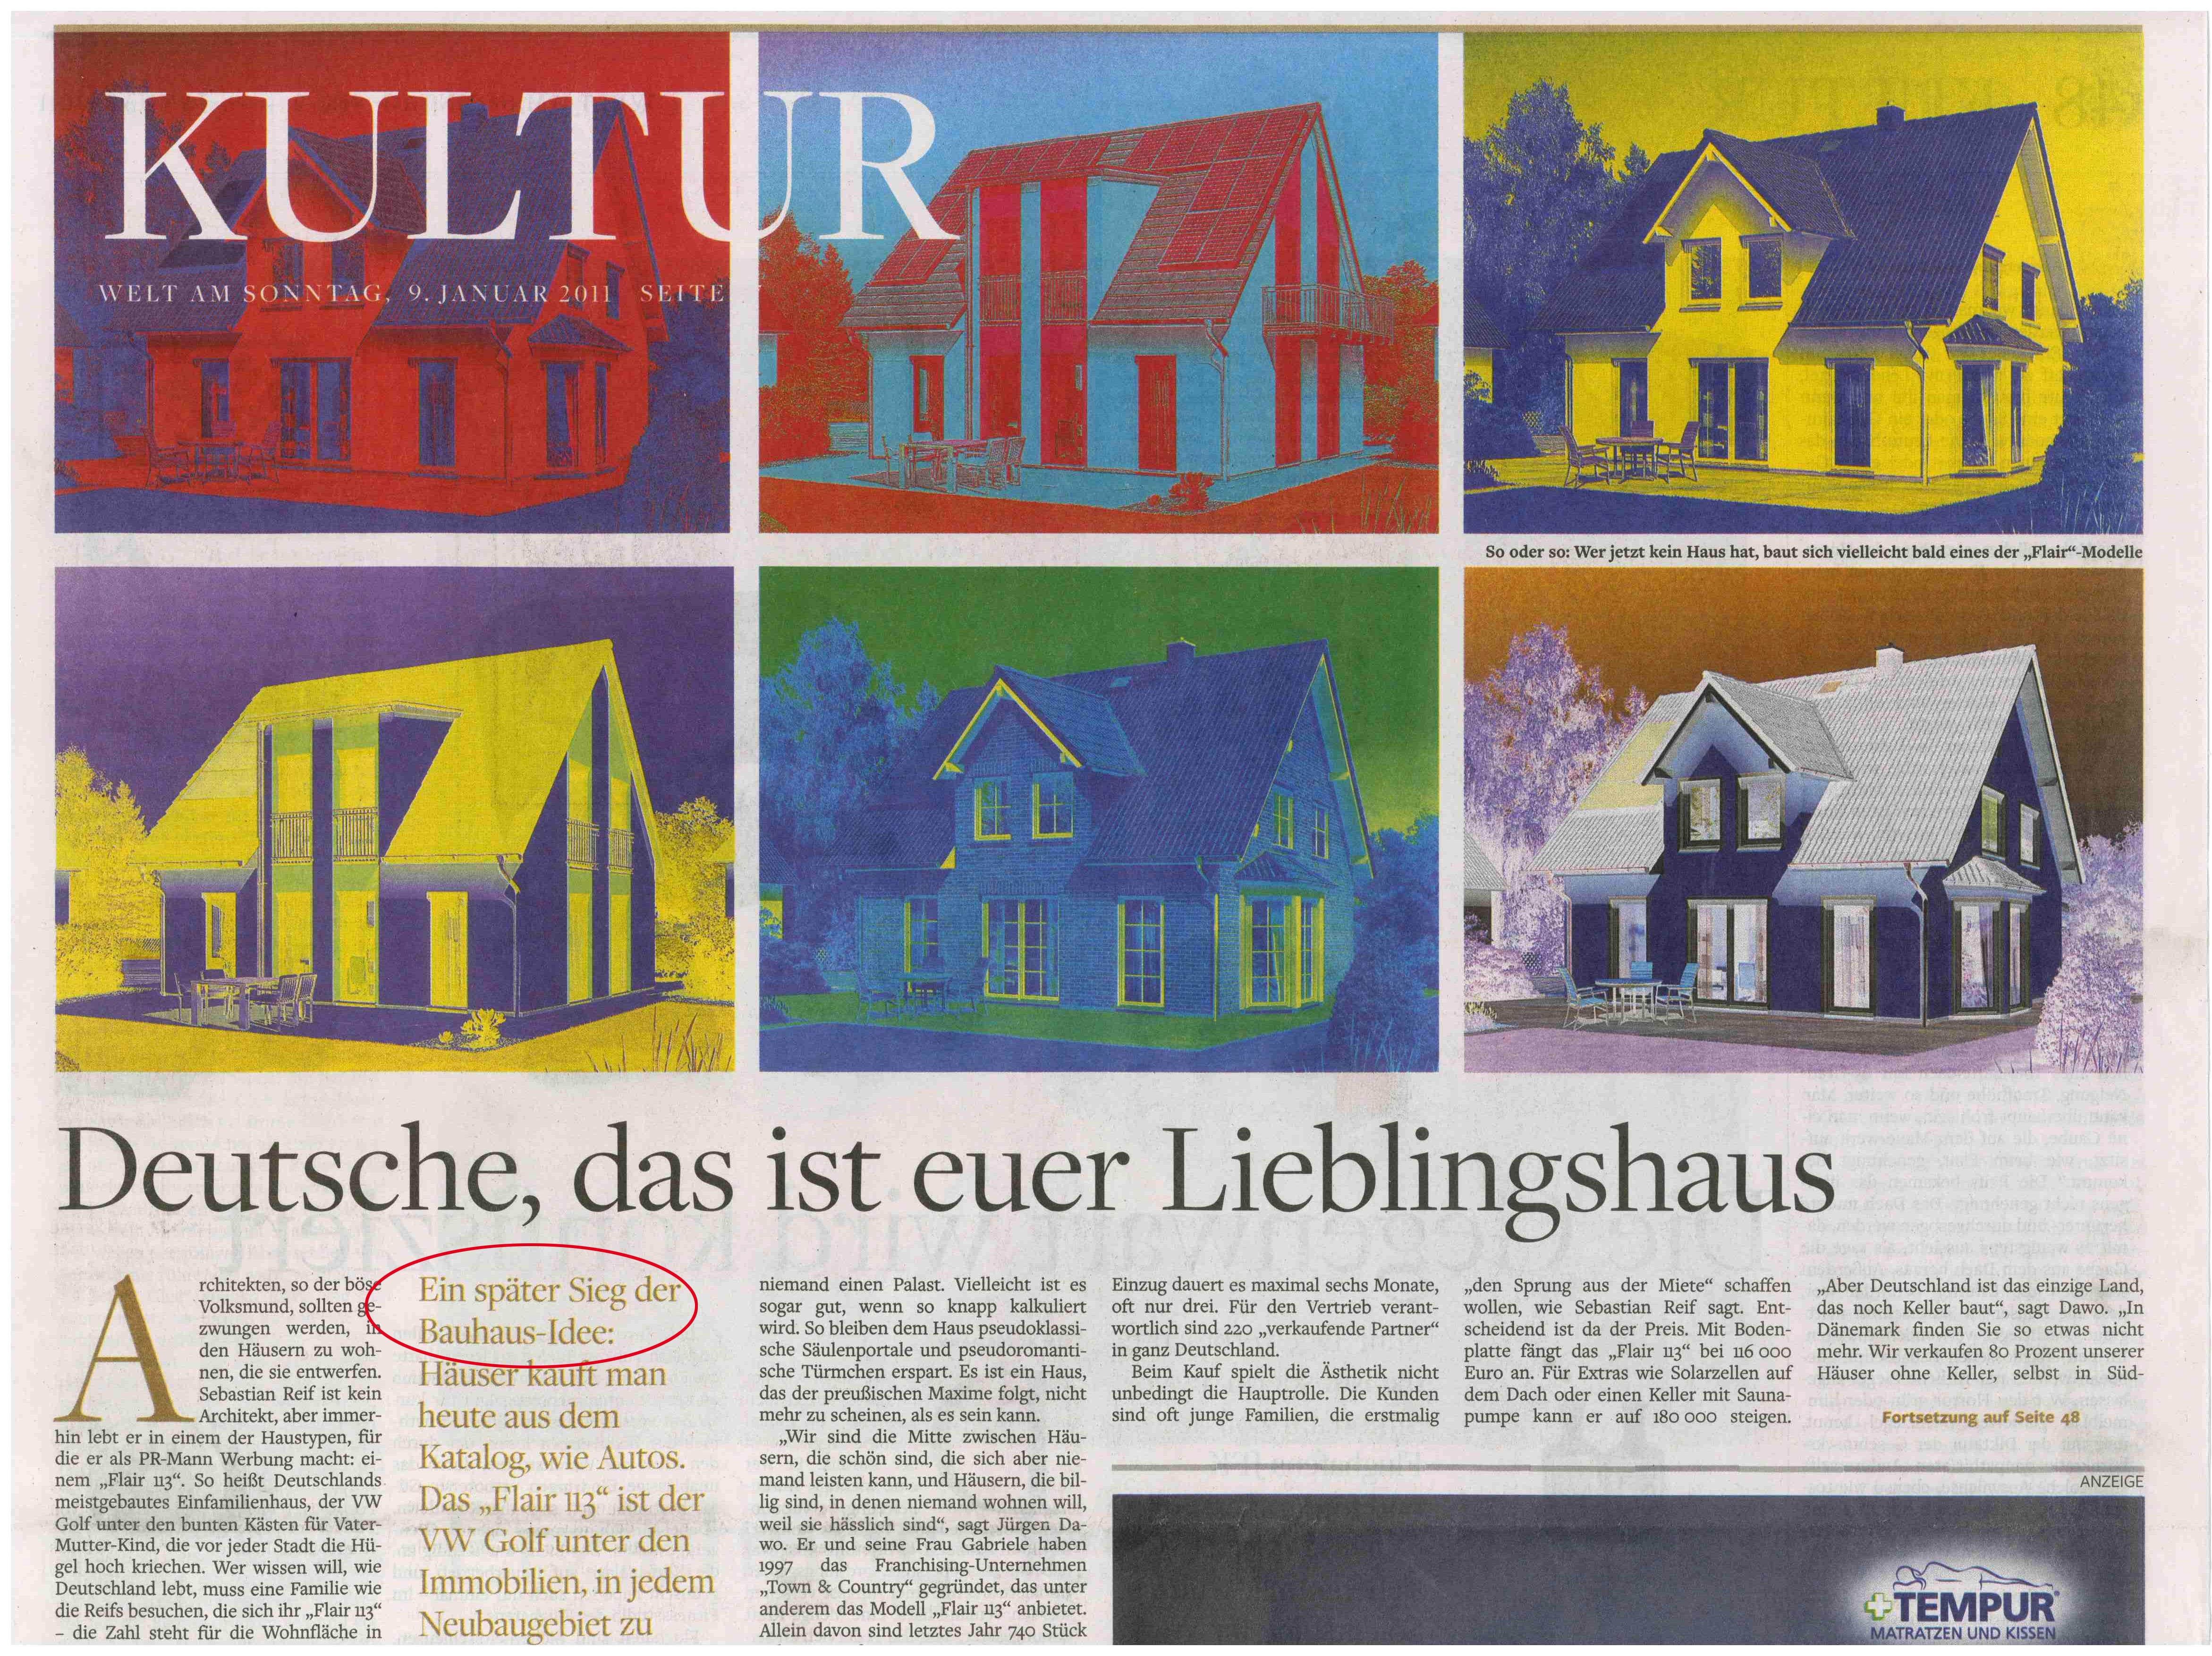 Die Welt am Sonntag schreibt am 9.1.2011, über Town und Country und das meistgekaufte Haus – Flair 113